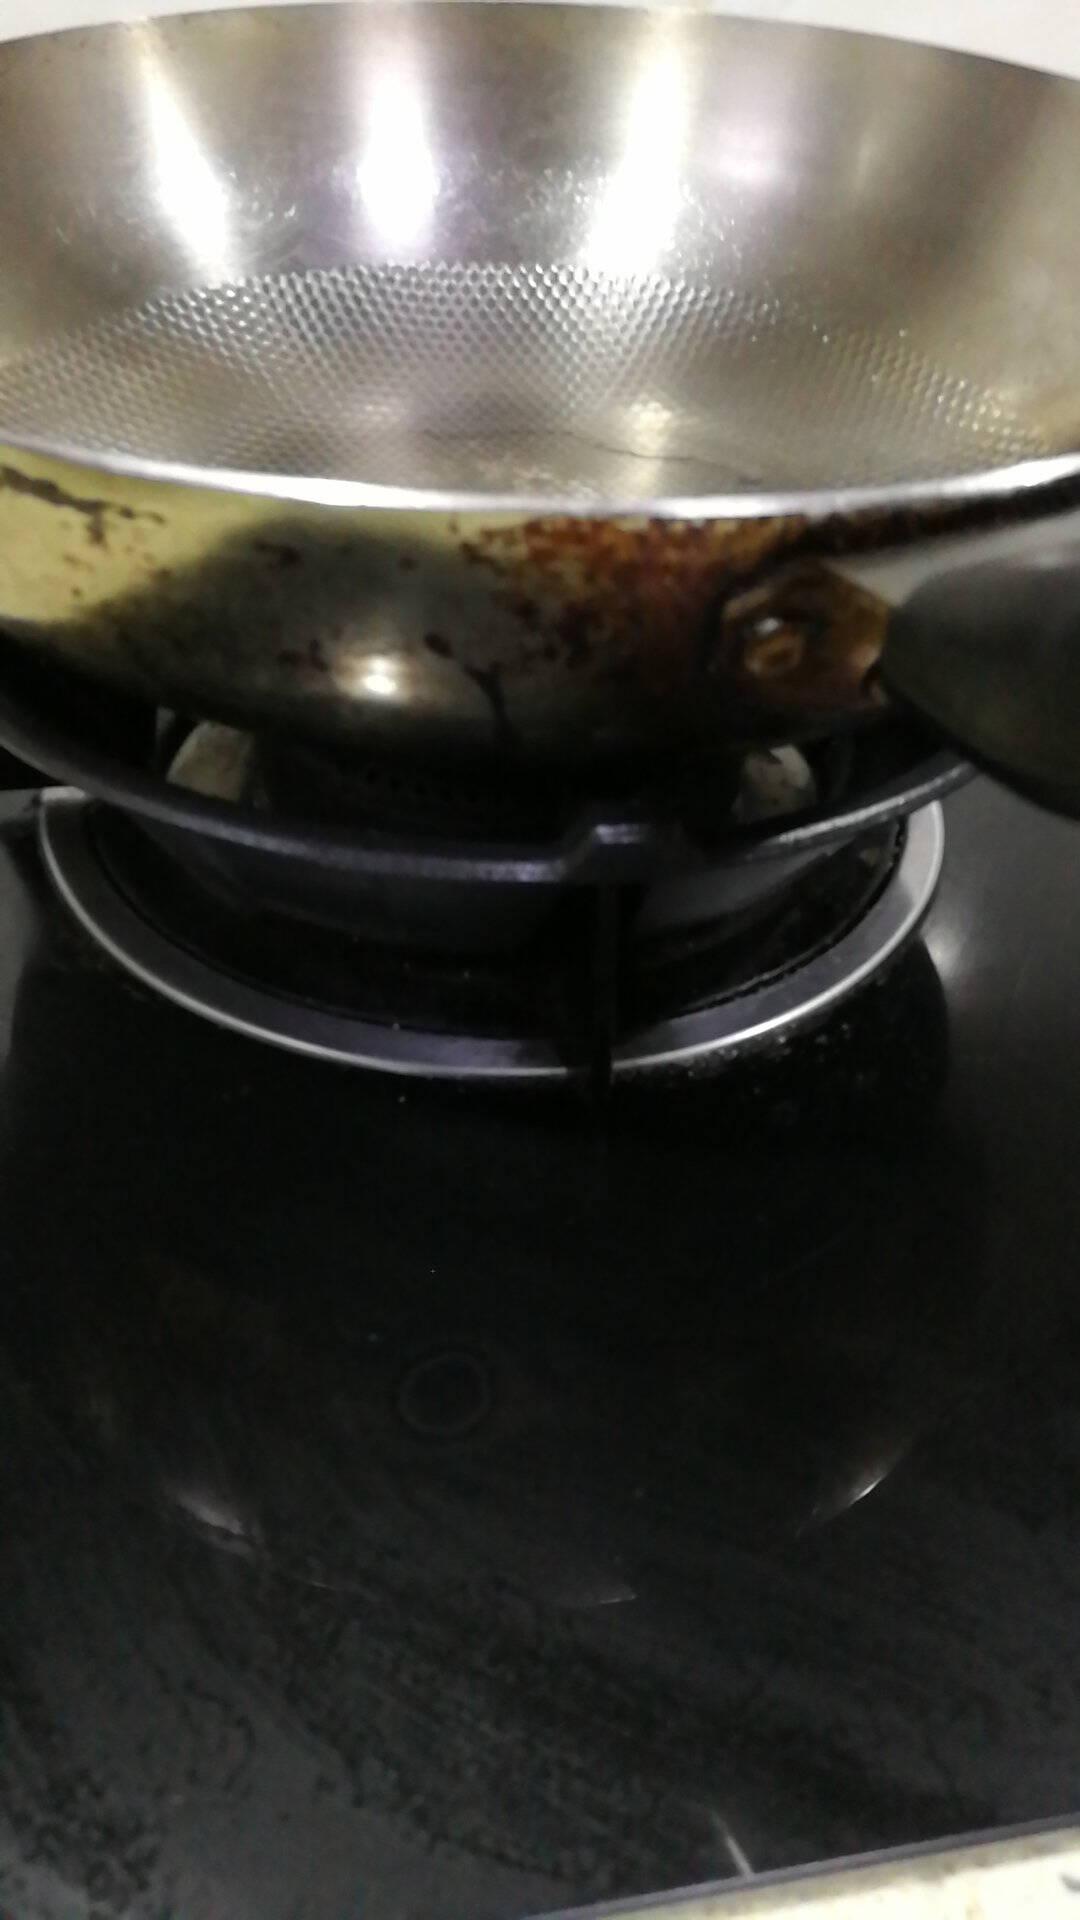 莱意加厚铸铁聚火节能防风罩家用煤气灶挡风节能圈燃气灶液化气灶天然气灶煤气炉节火罩通用型支架聚能盘5爪聚能盘+配套防滑架